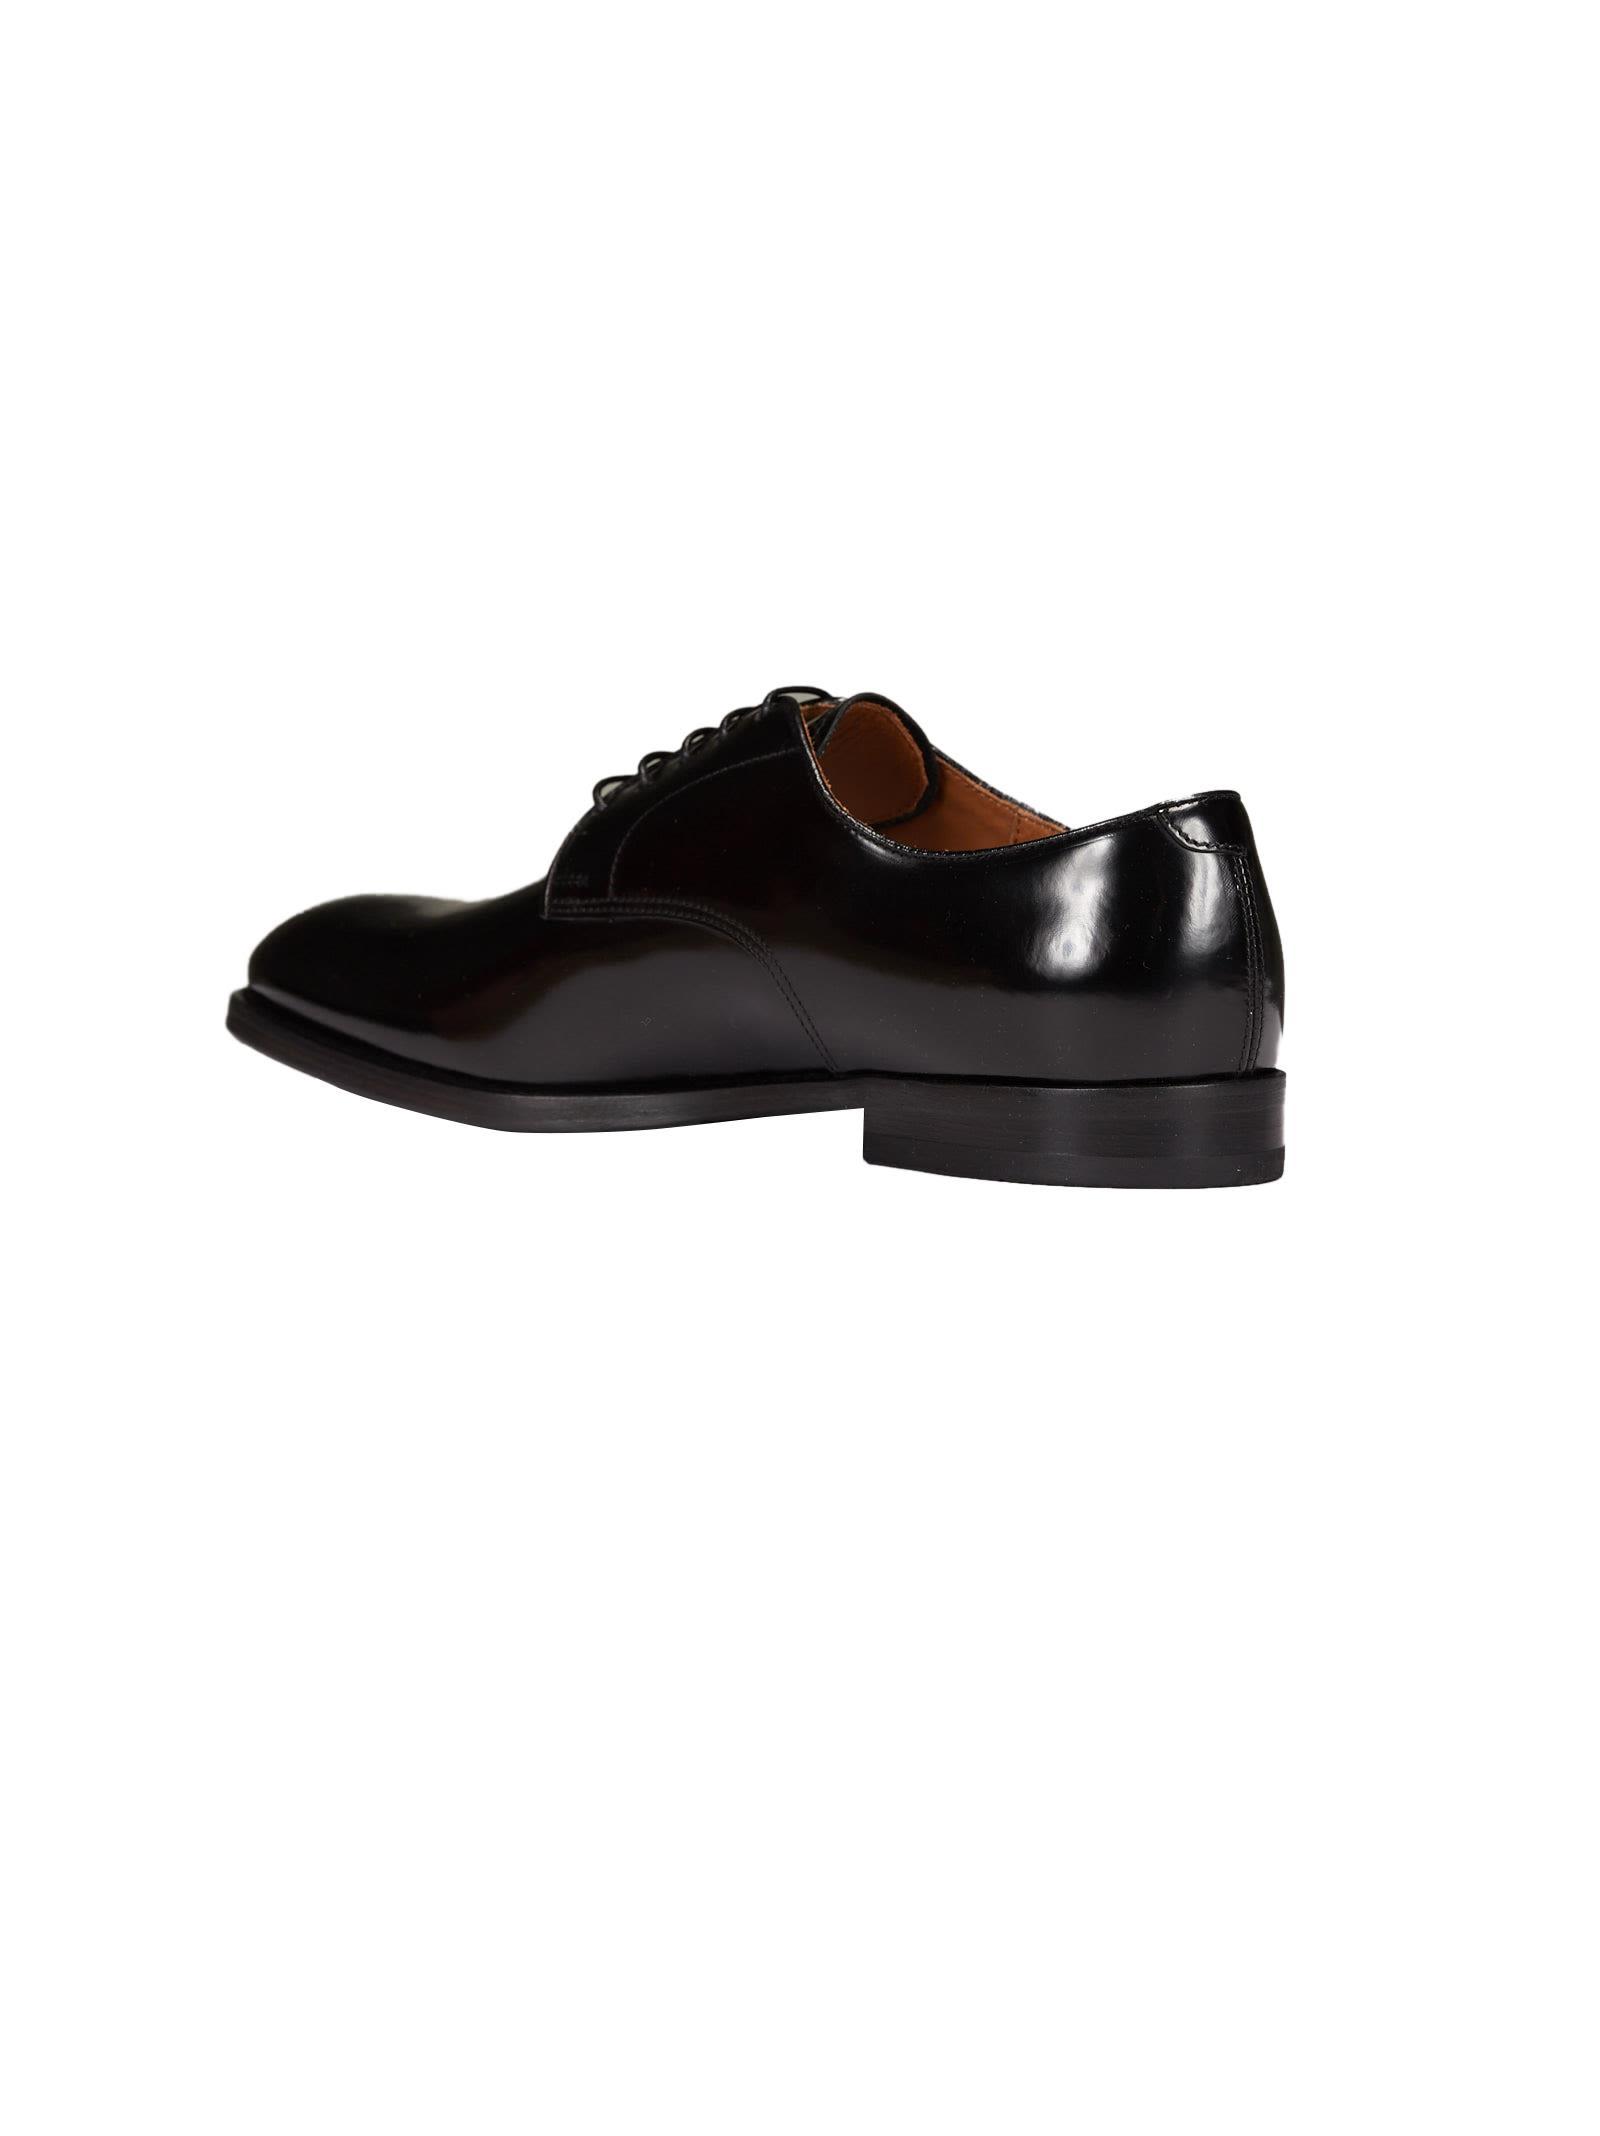 Doucals Chaussures Lacées Classiques rl1BHMVUfP